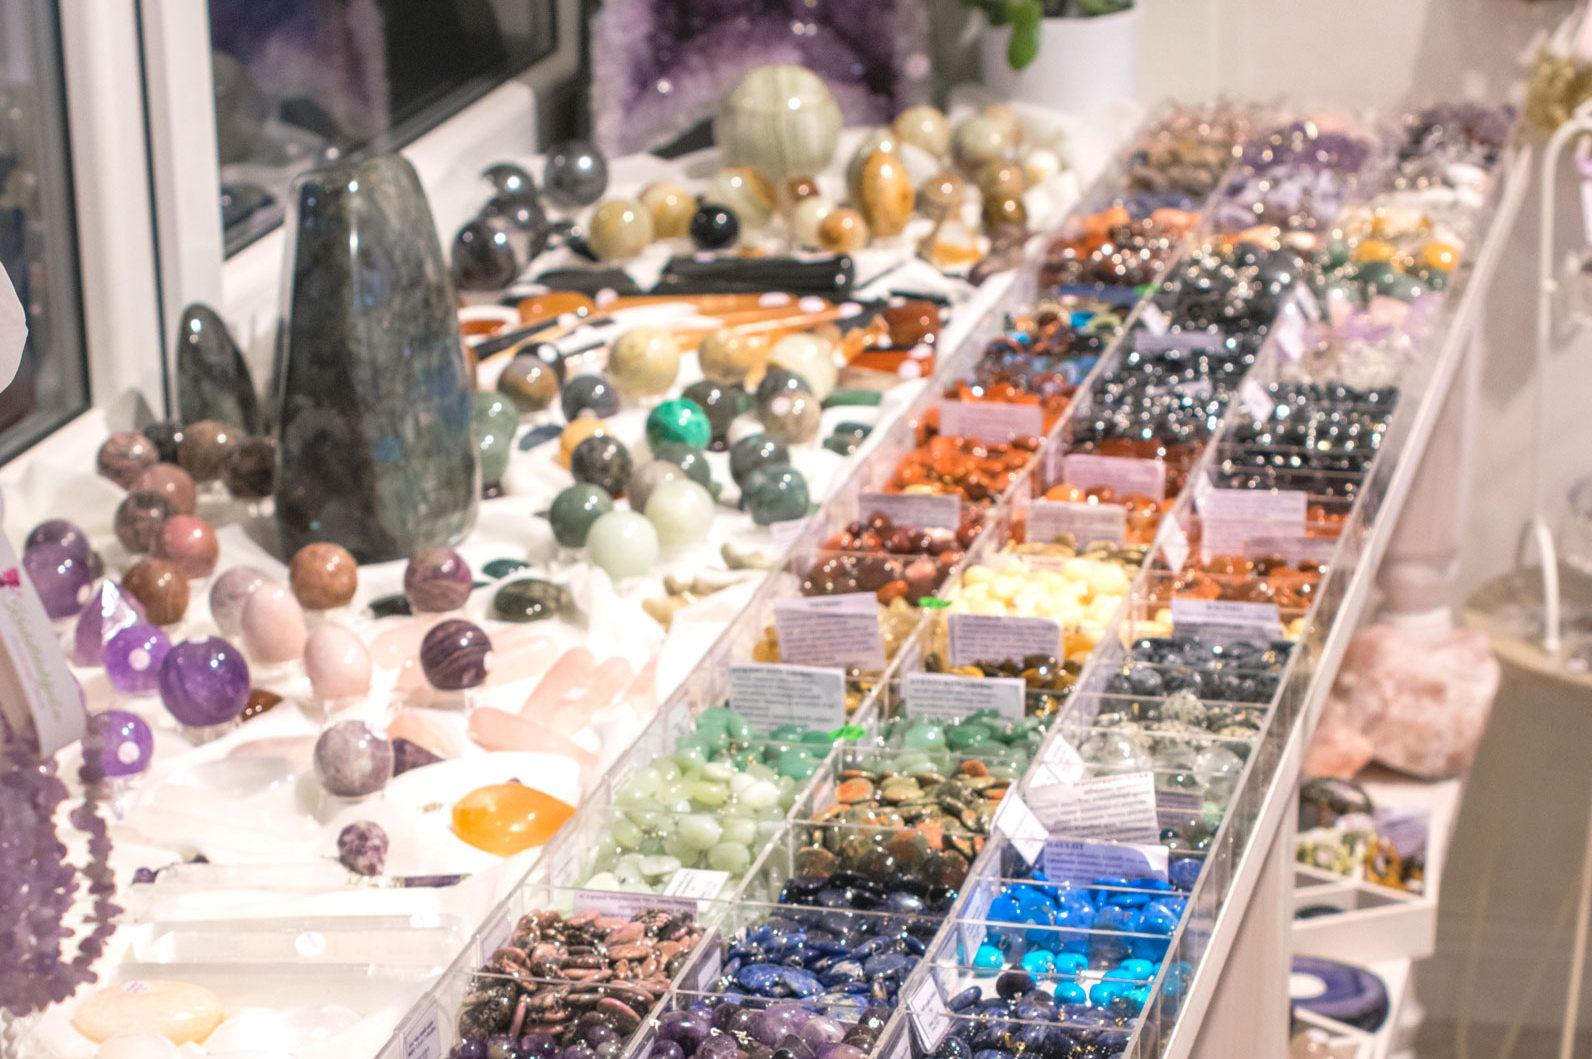 84a24fa38c9 ... käevõrud, kaelakeed, malad palvehelmestega, amuletid-talismanid ja  kõrvarõngad. Kuid teada-tuntud on ka Kristallihaldjate pühitsusega  käsitöö-käevõrud.